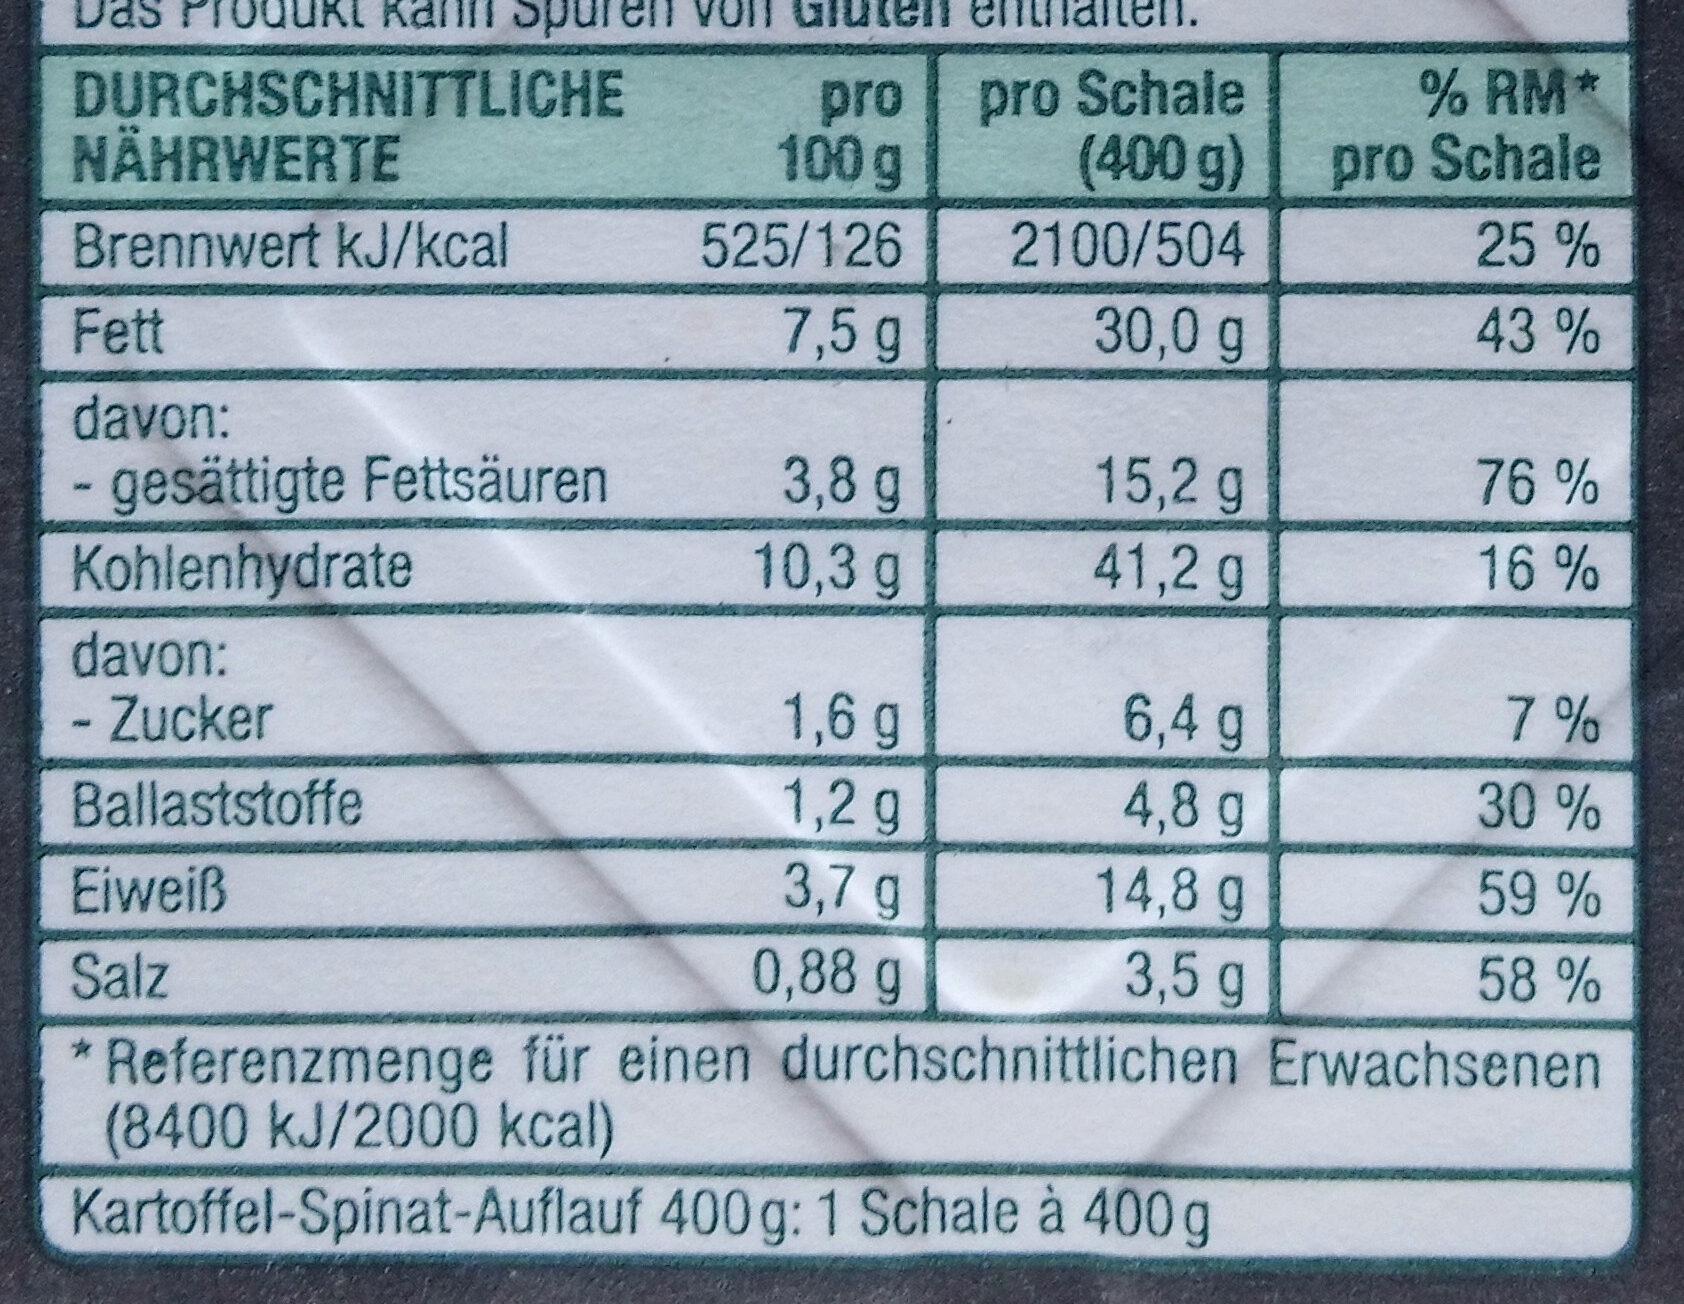 Kartoffel-Ausflauf mit Blattspinat - Nutrition facts - de